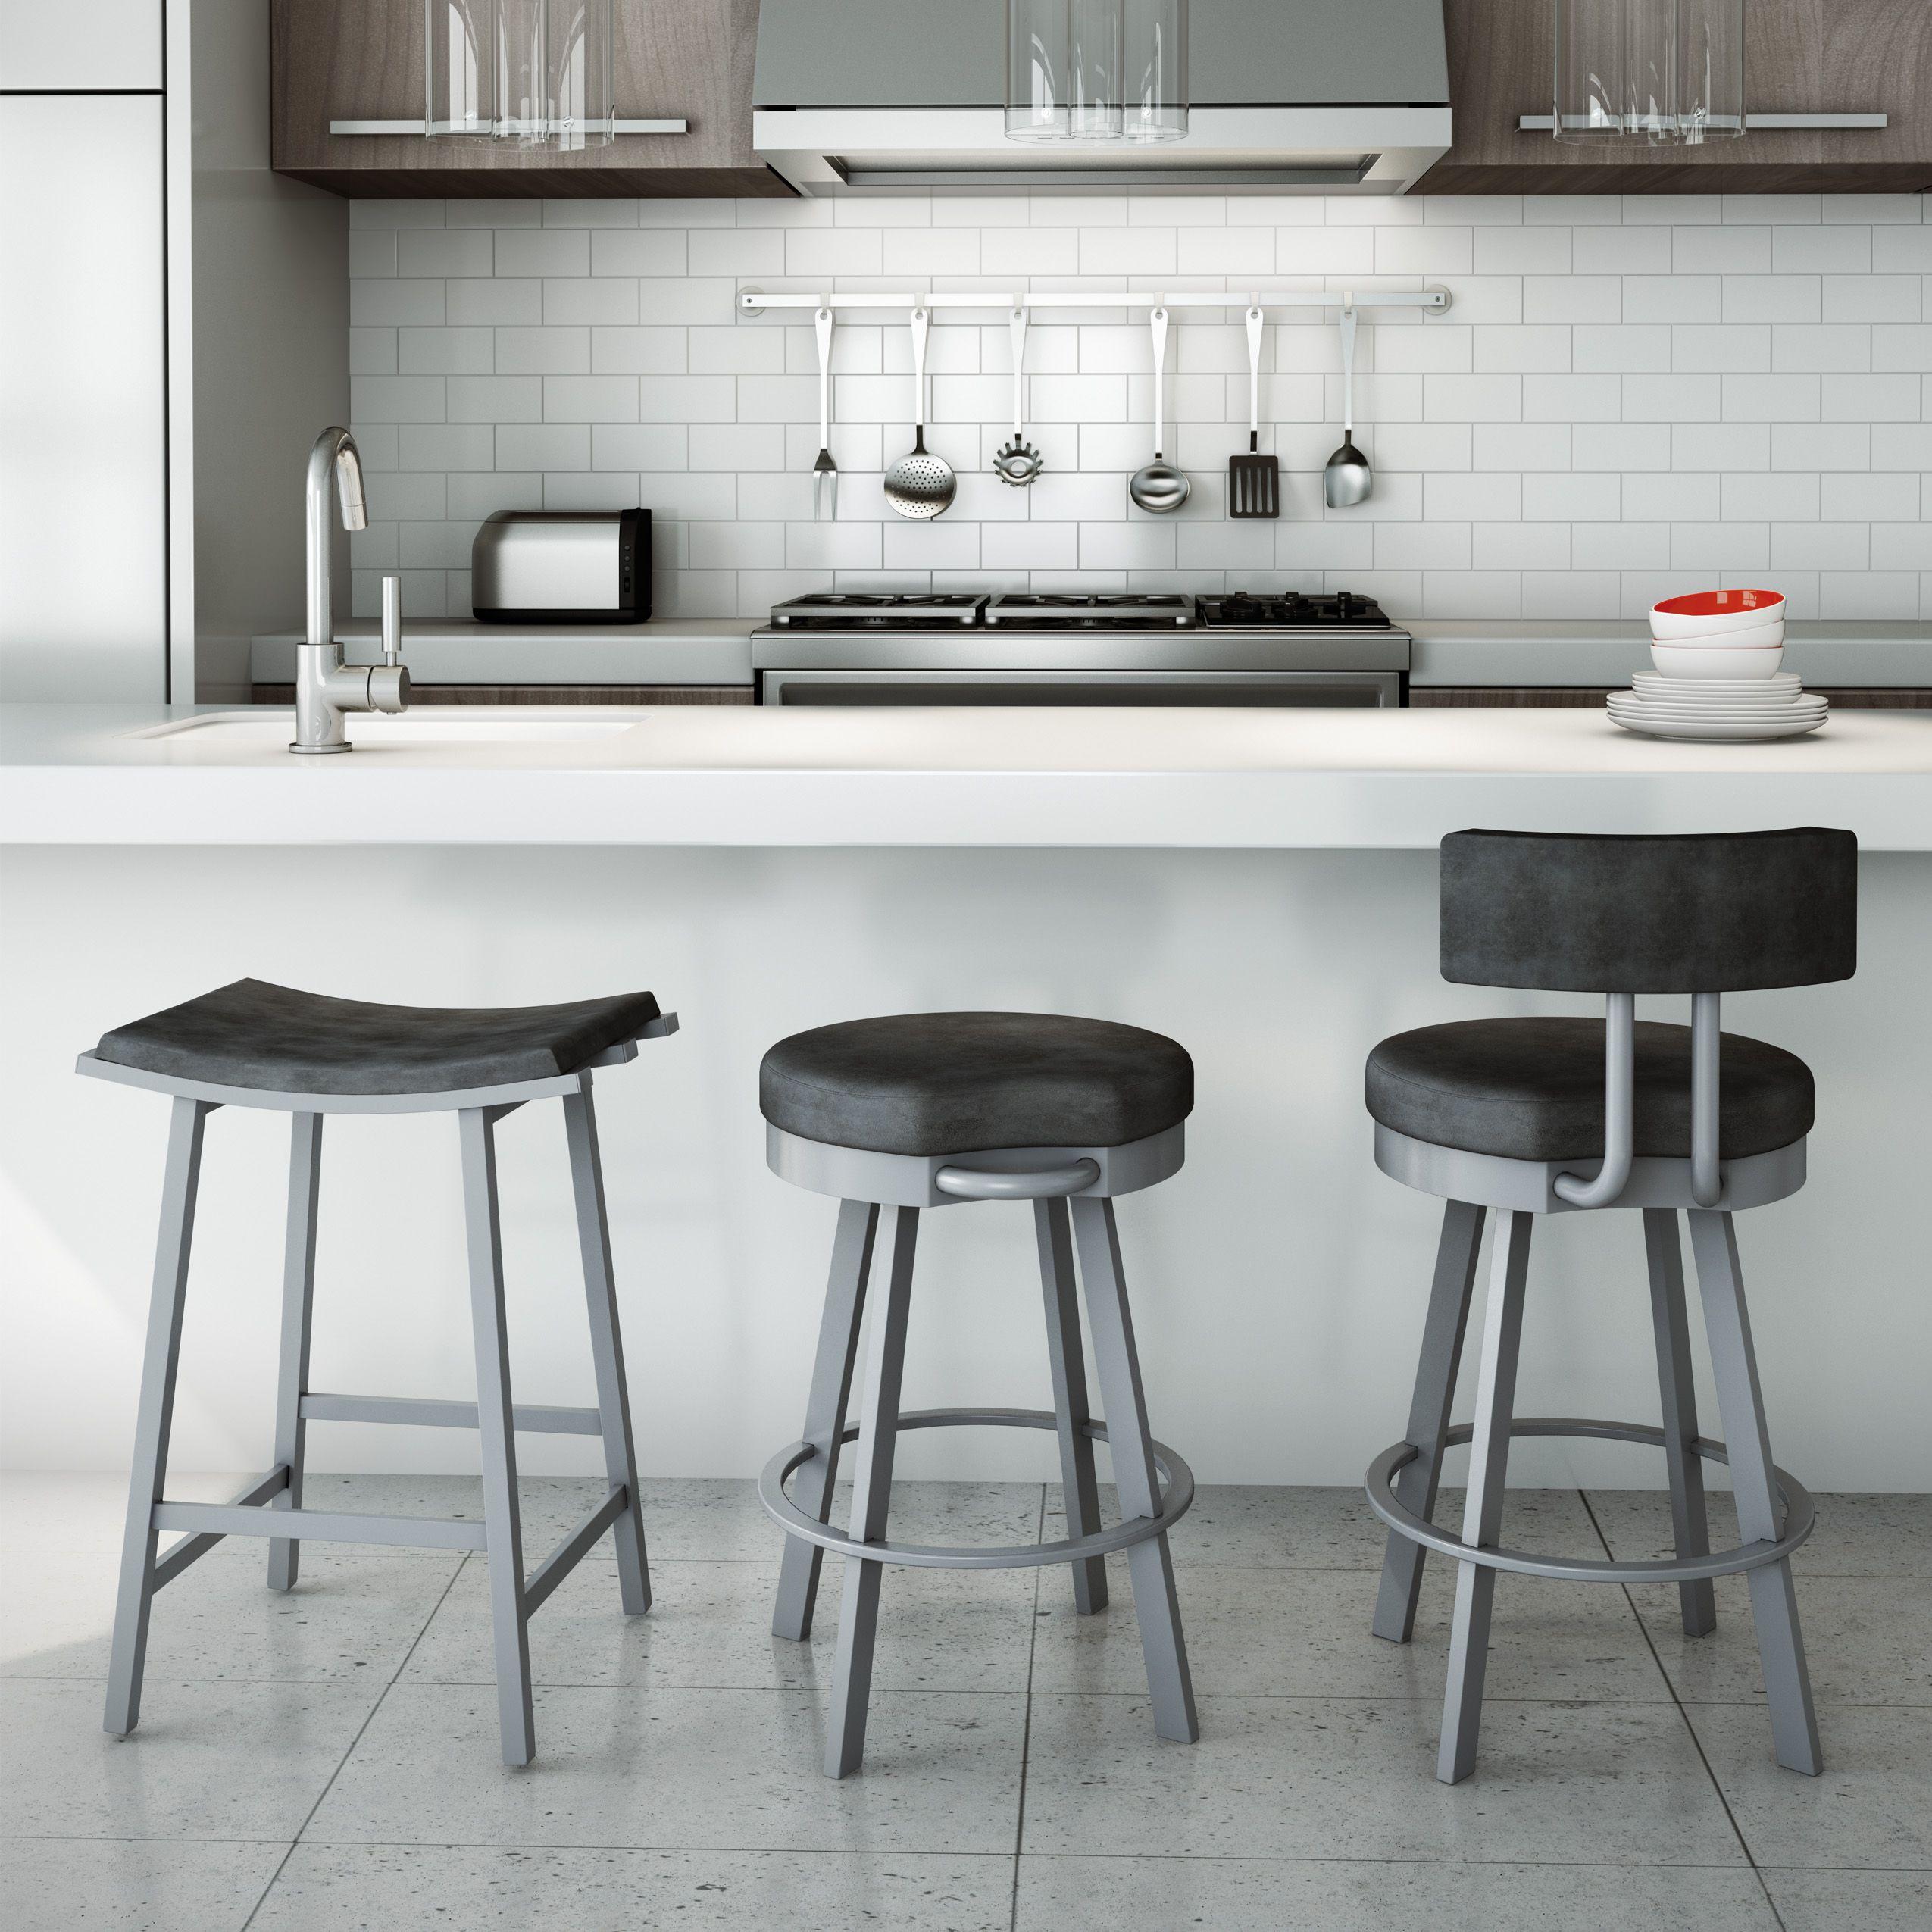 AMISCO Nathan Stool Furniture Kitchen Urban